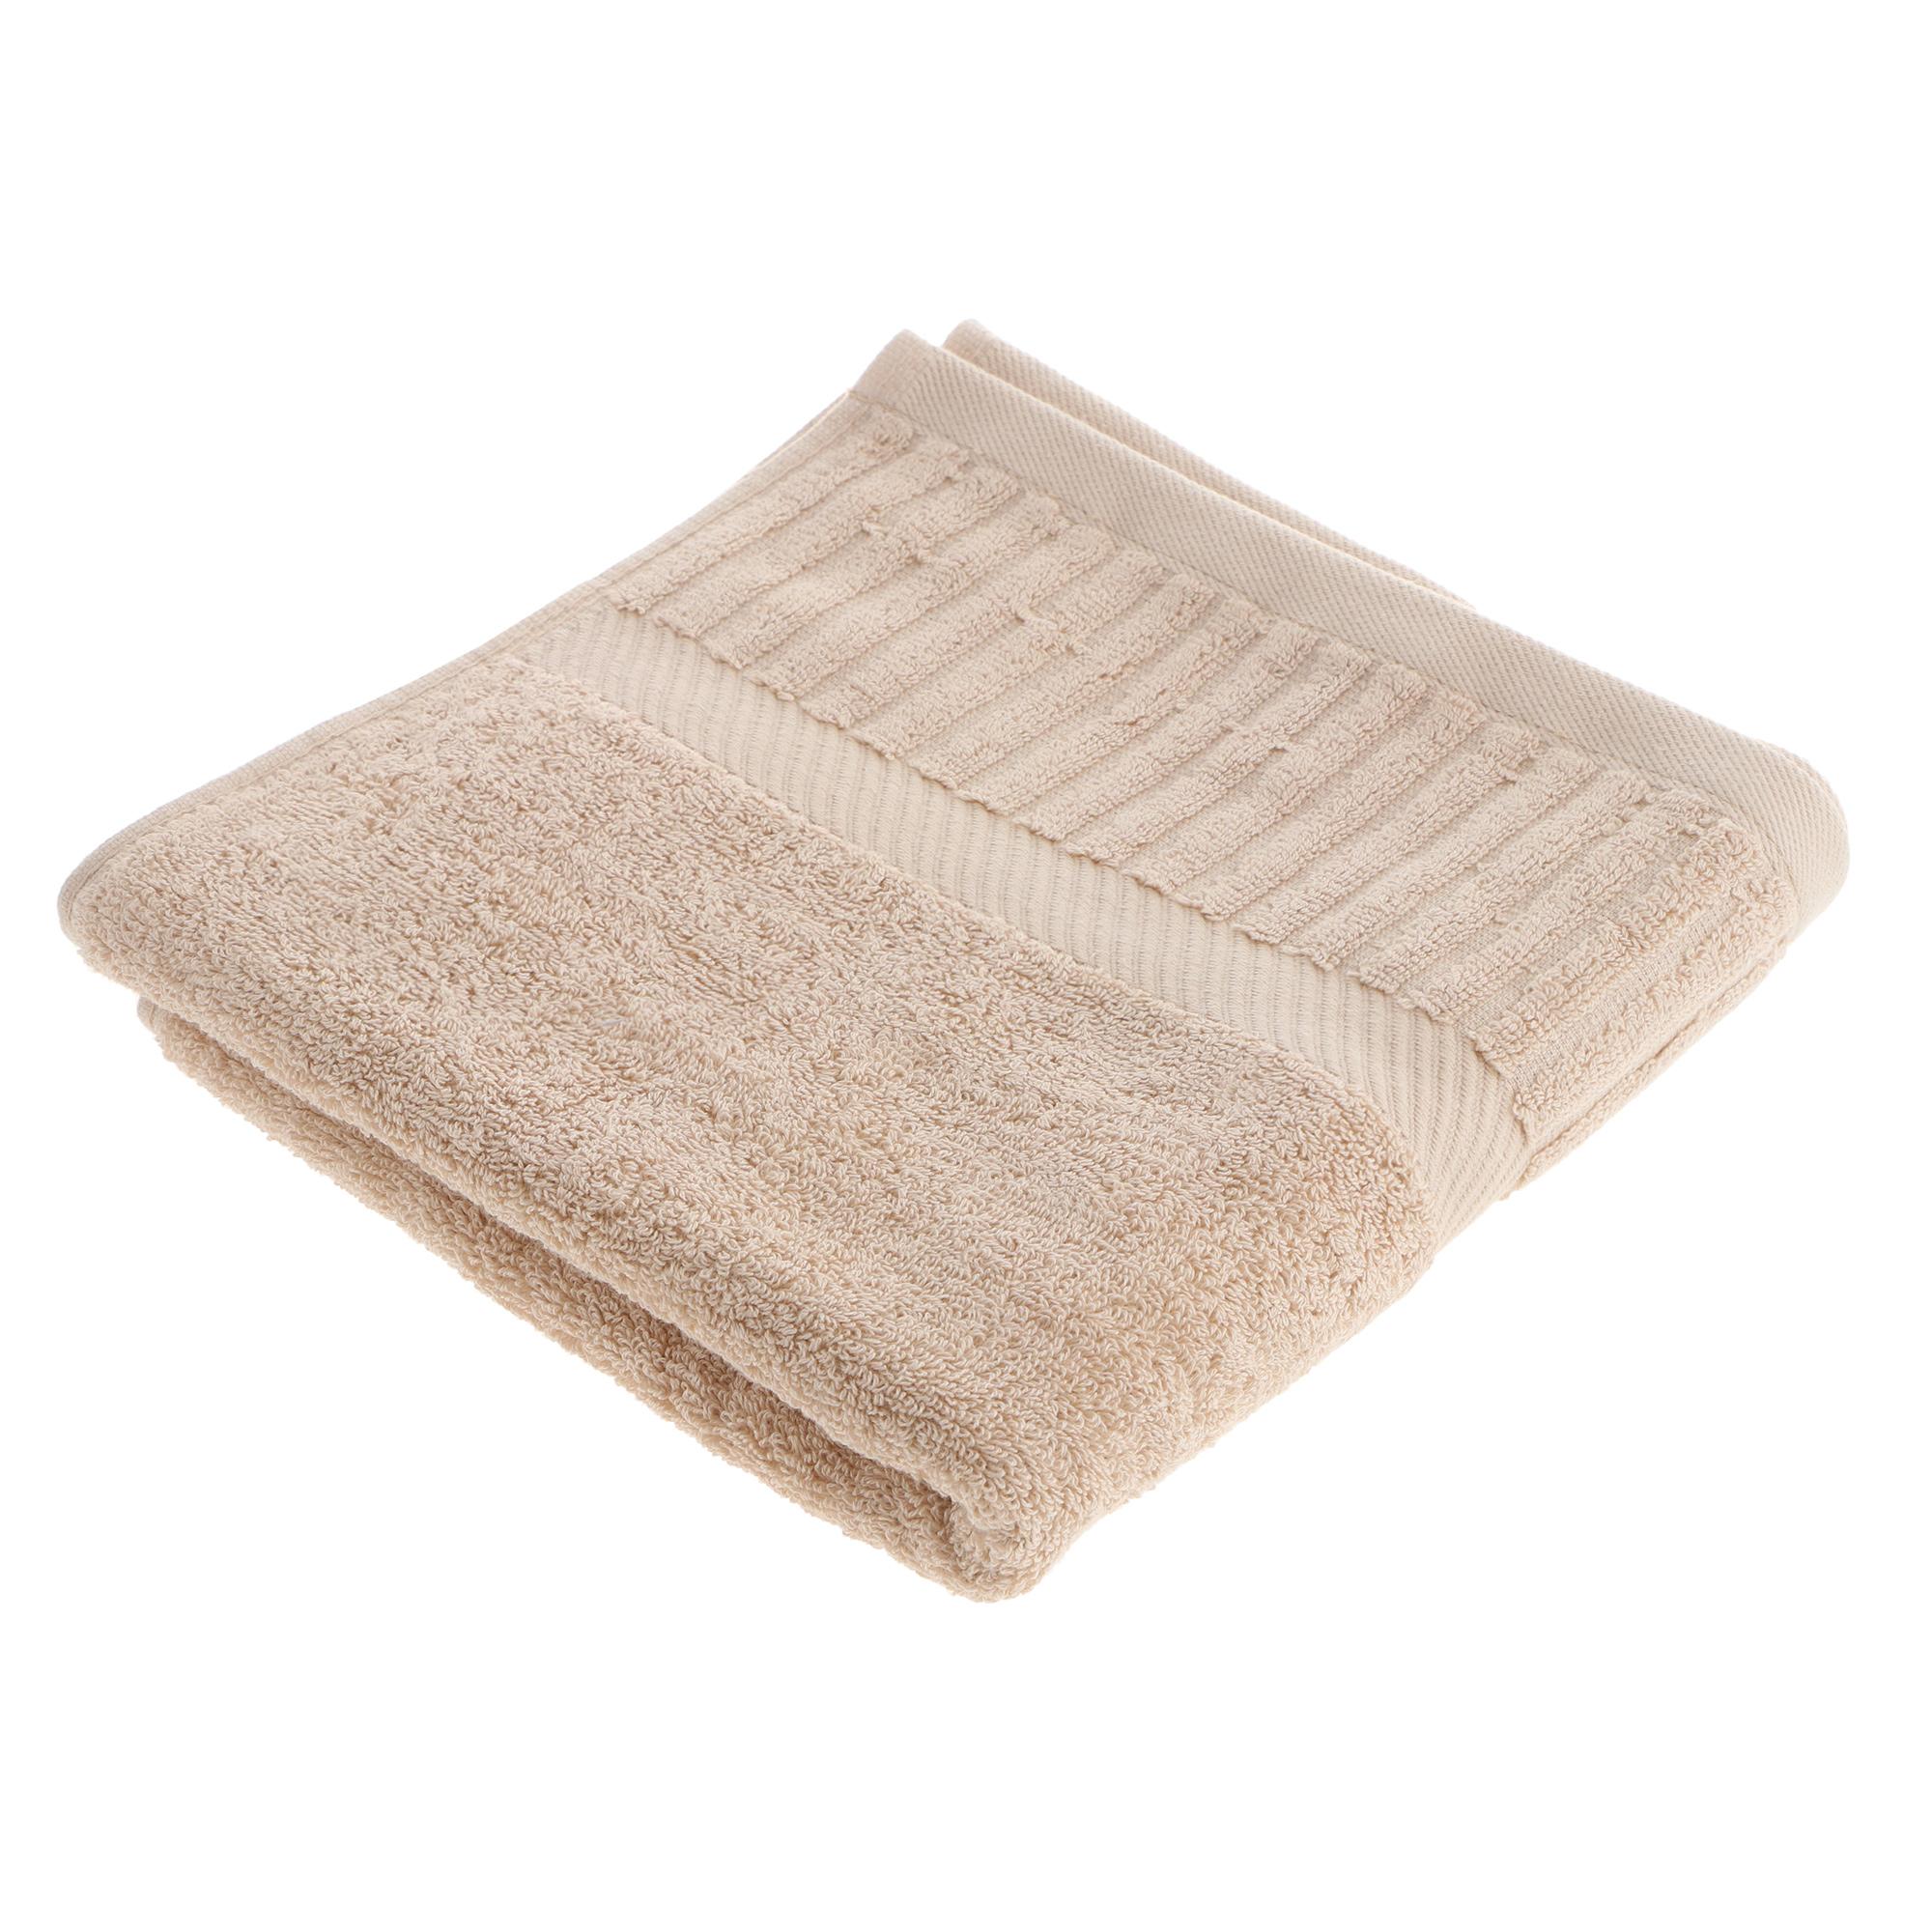 Полотенце Estia тасти бежевый 70x140 полотенце томдом пениома светло бежевый